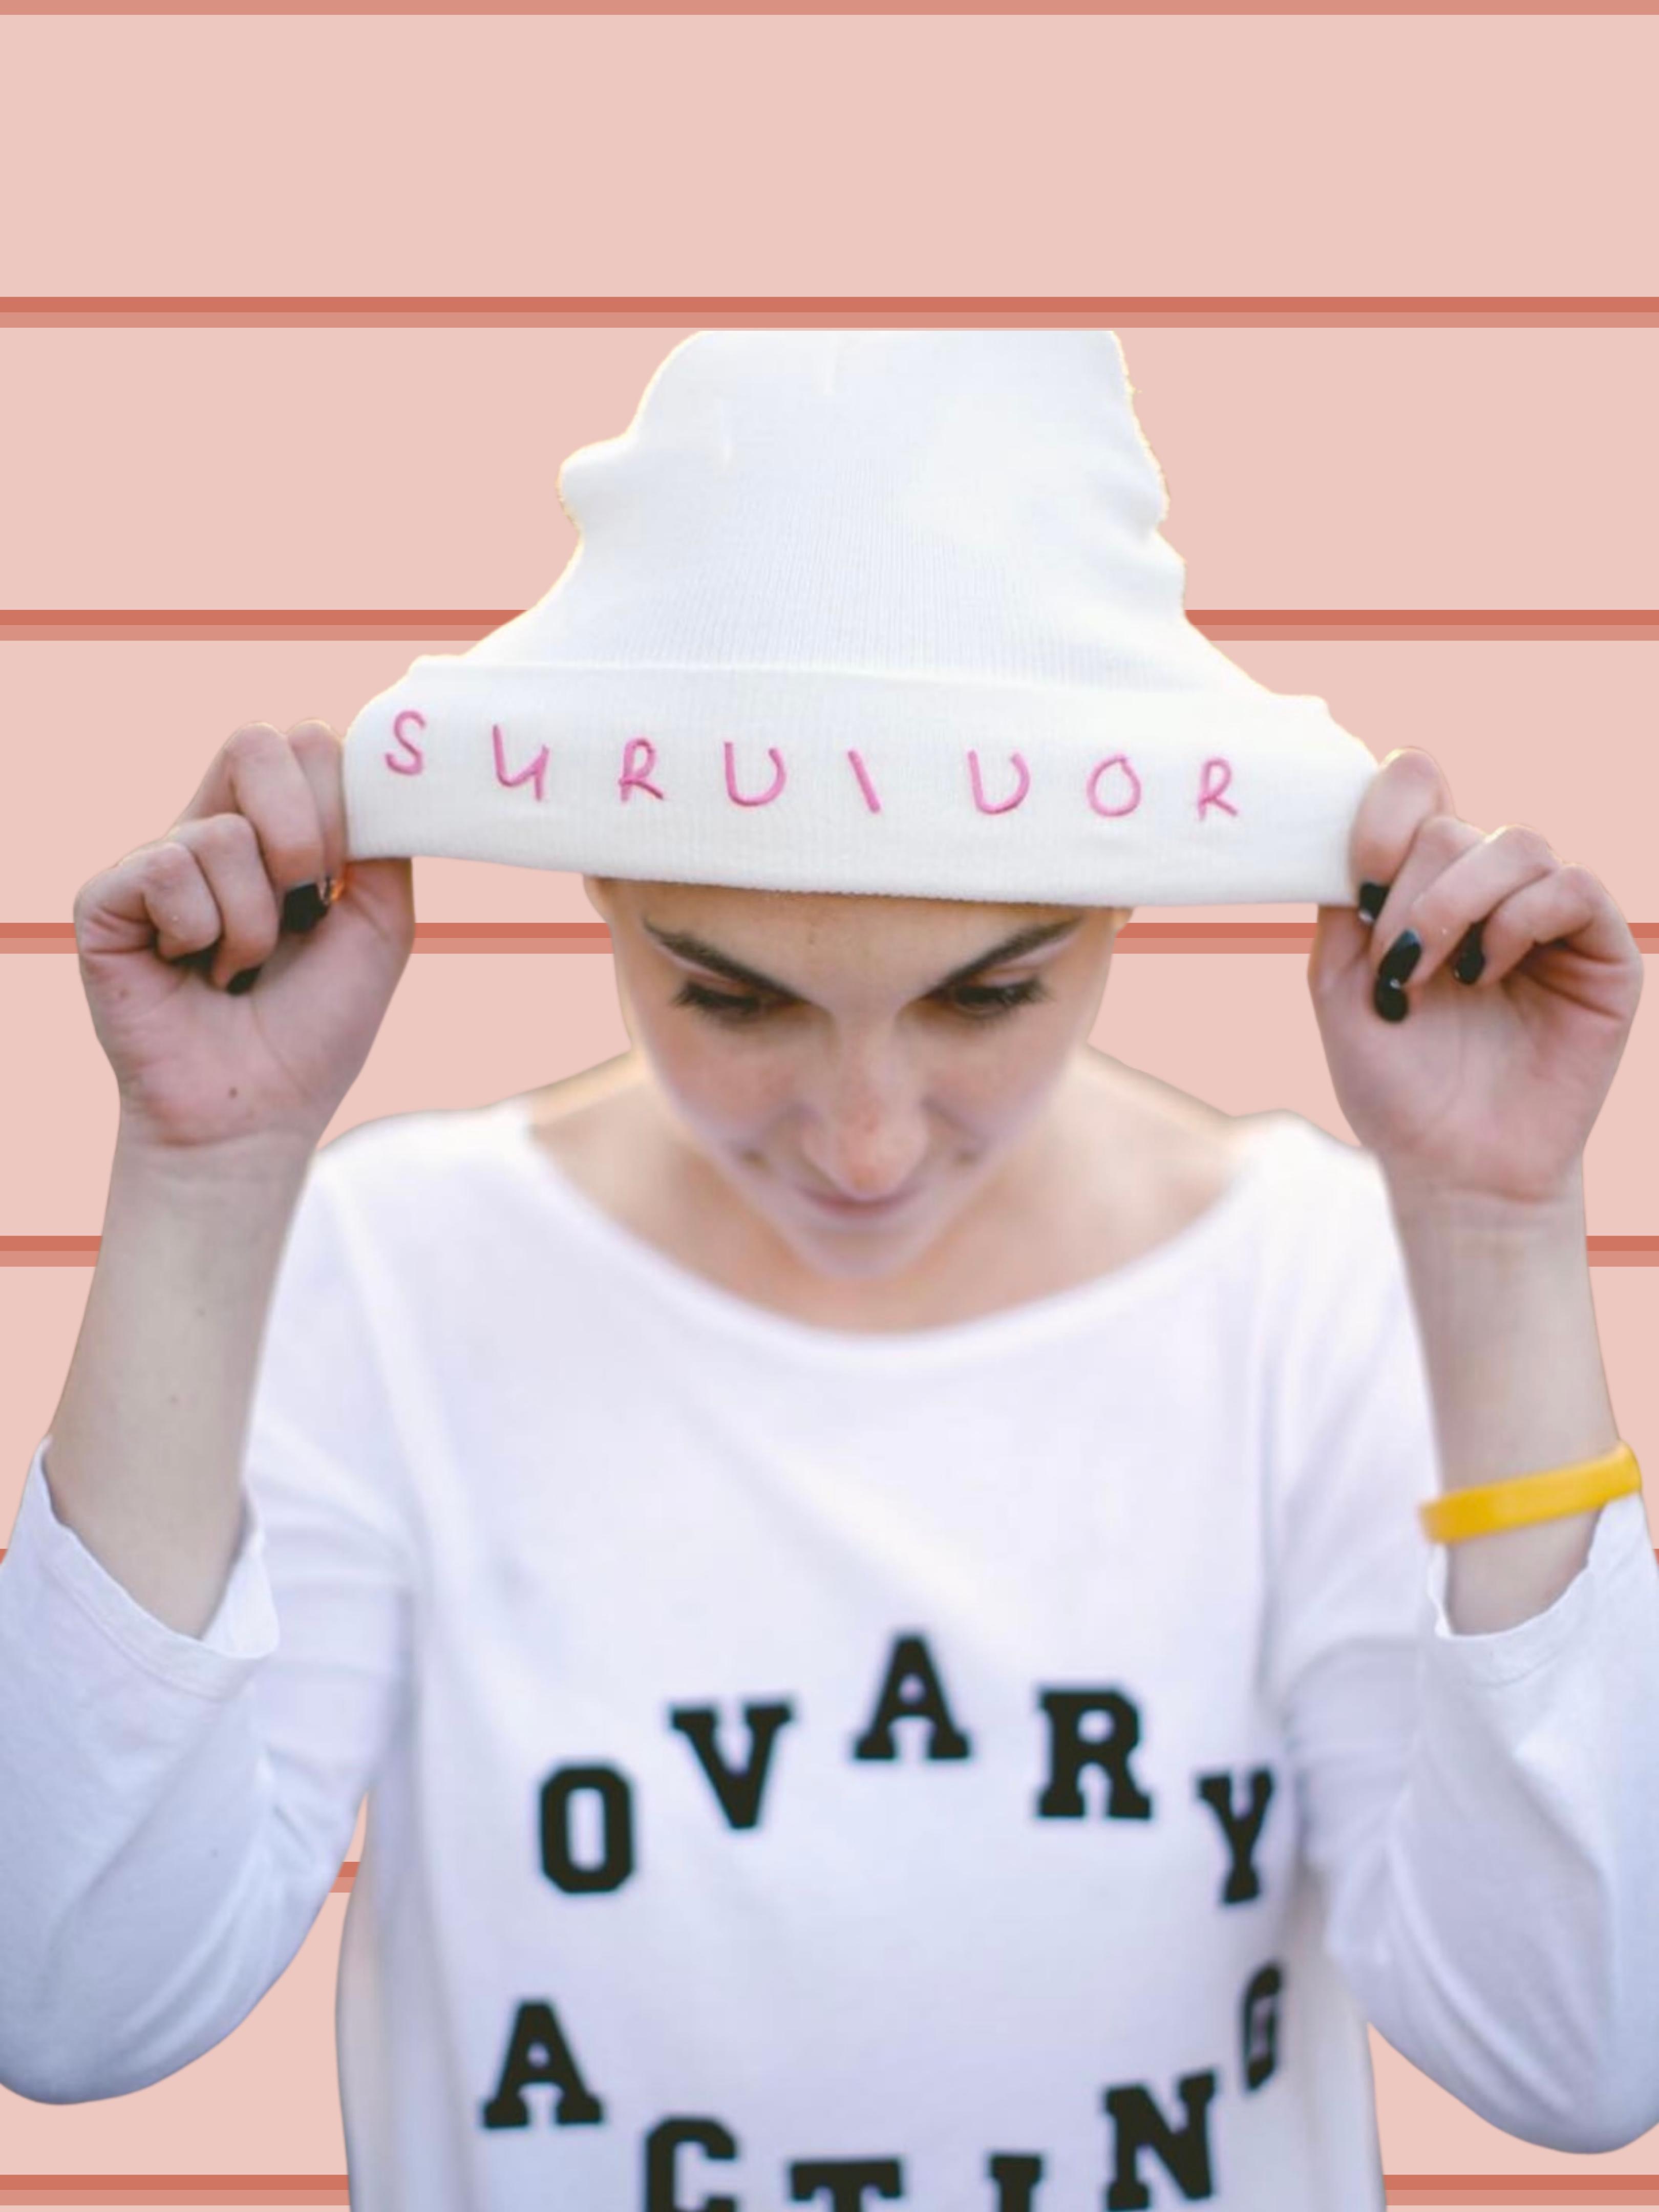 A Young Ovarian Cancer Survivor's Guide to Stigmas and Survivorship